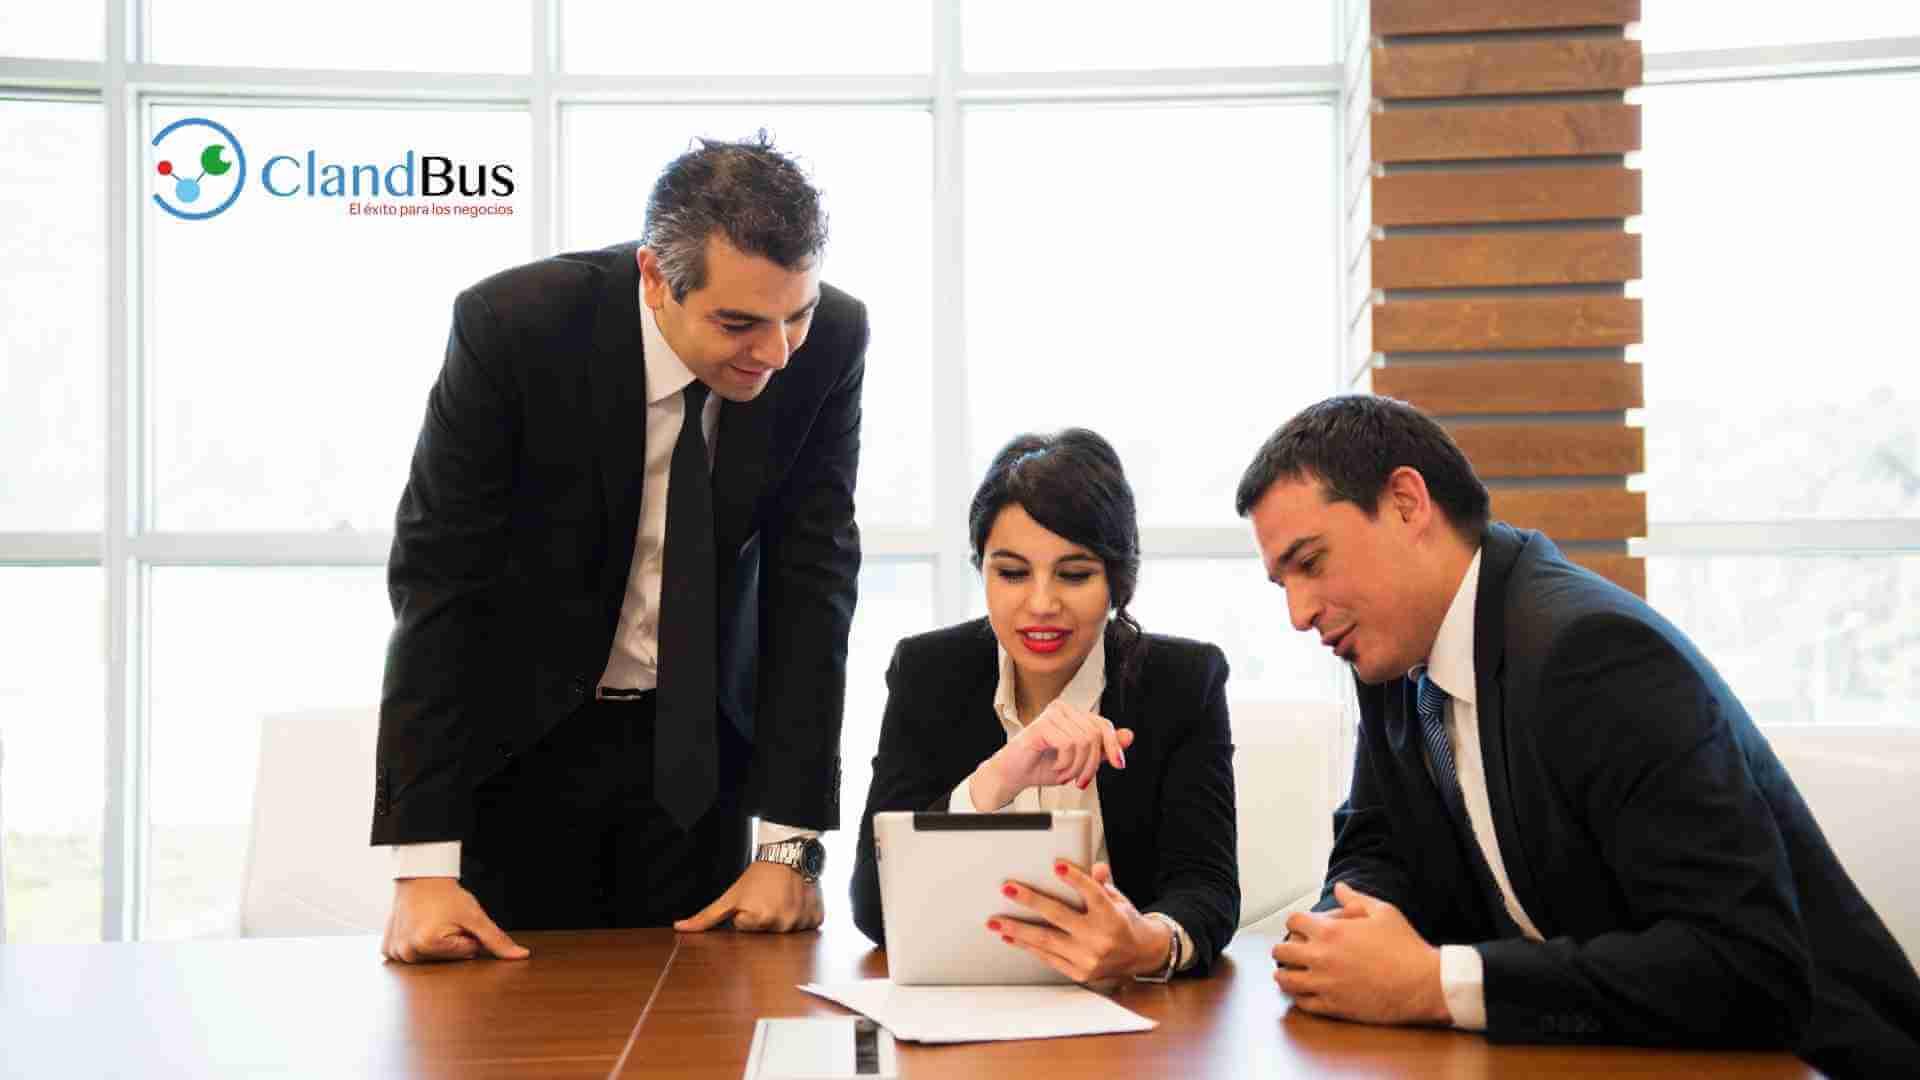 Implementa rápidamente a como lo necesitas aumentando la agilidad de tus procesos de negocio con nuestra Omniapp